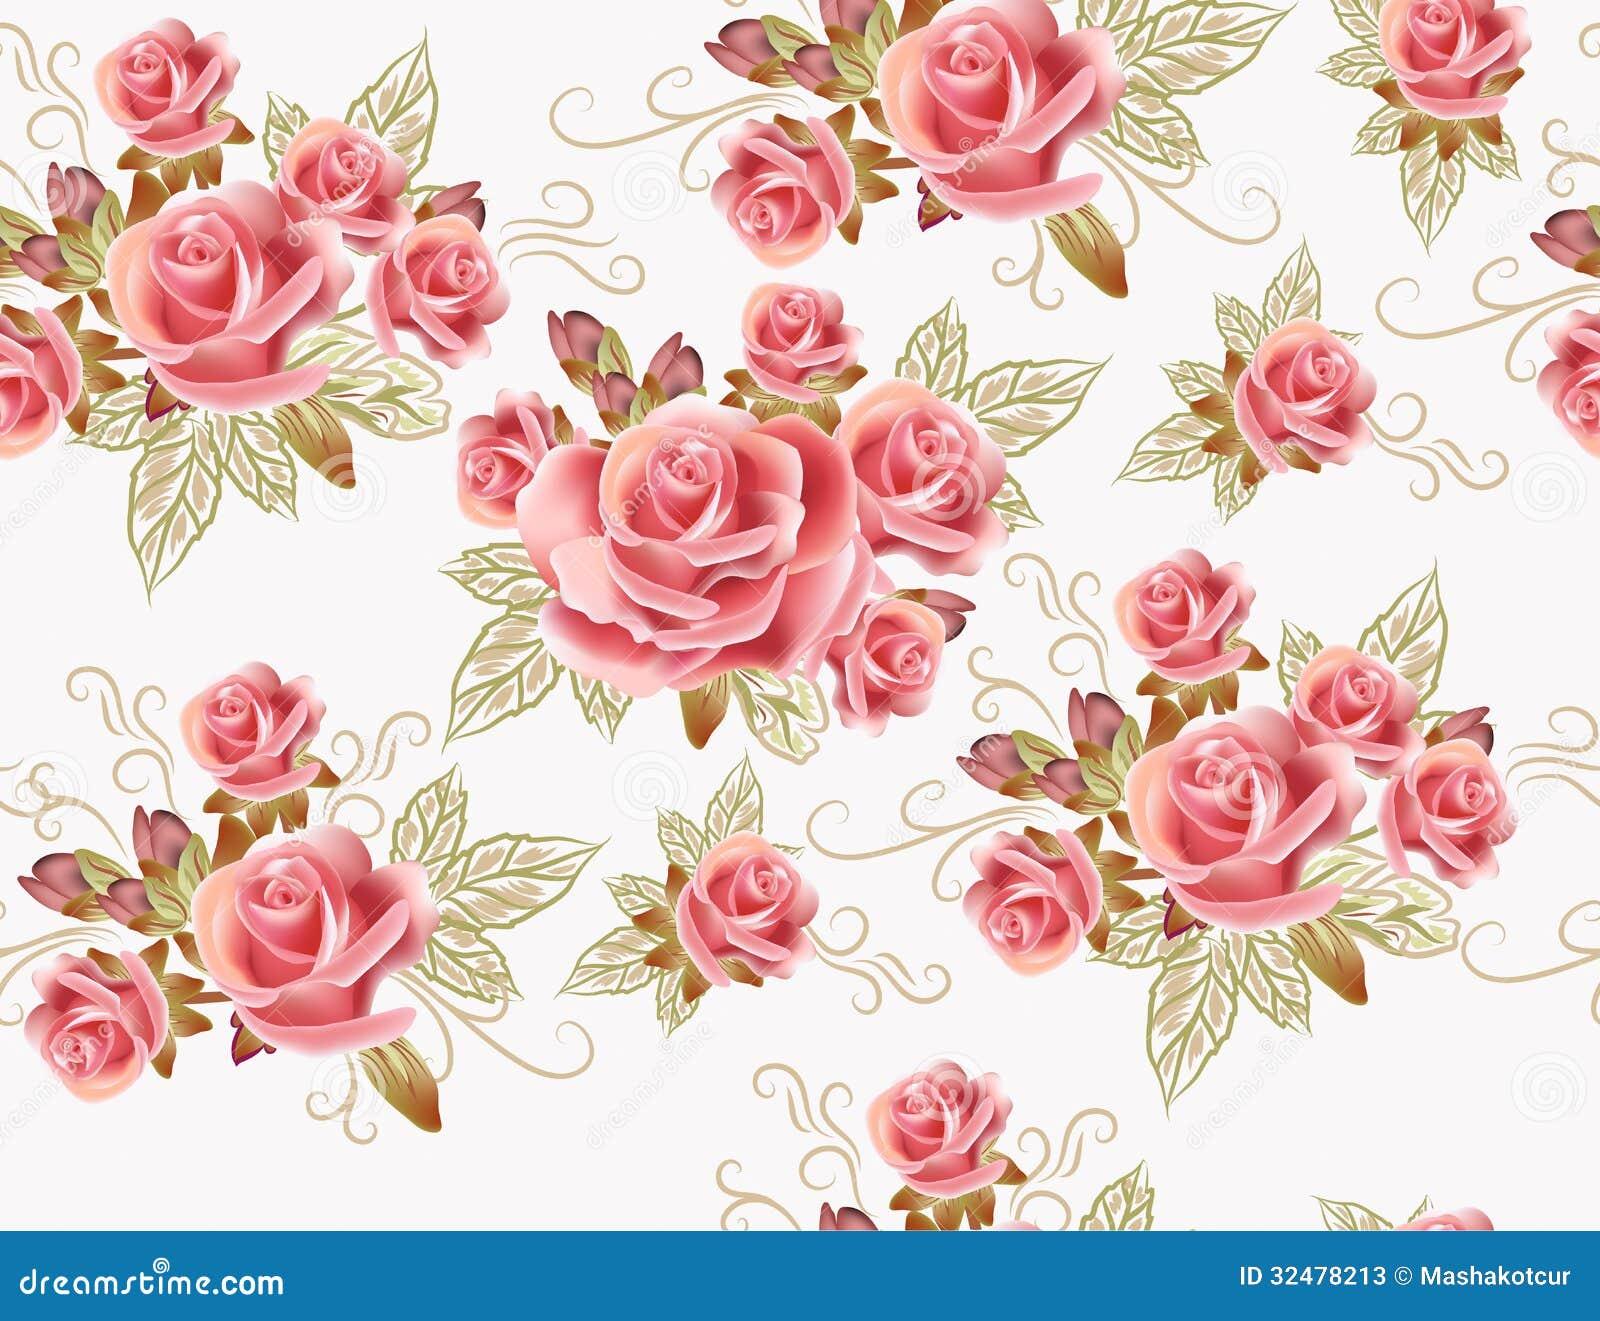 Conception Sans Couture Mignonne De Papier Peint Avec Les Fleurs